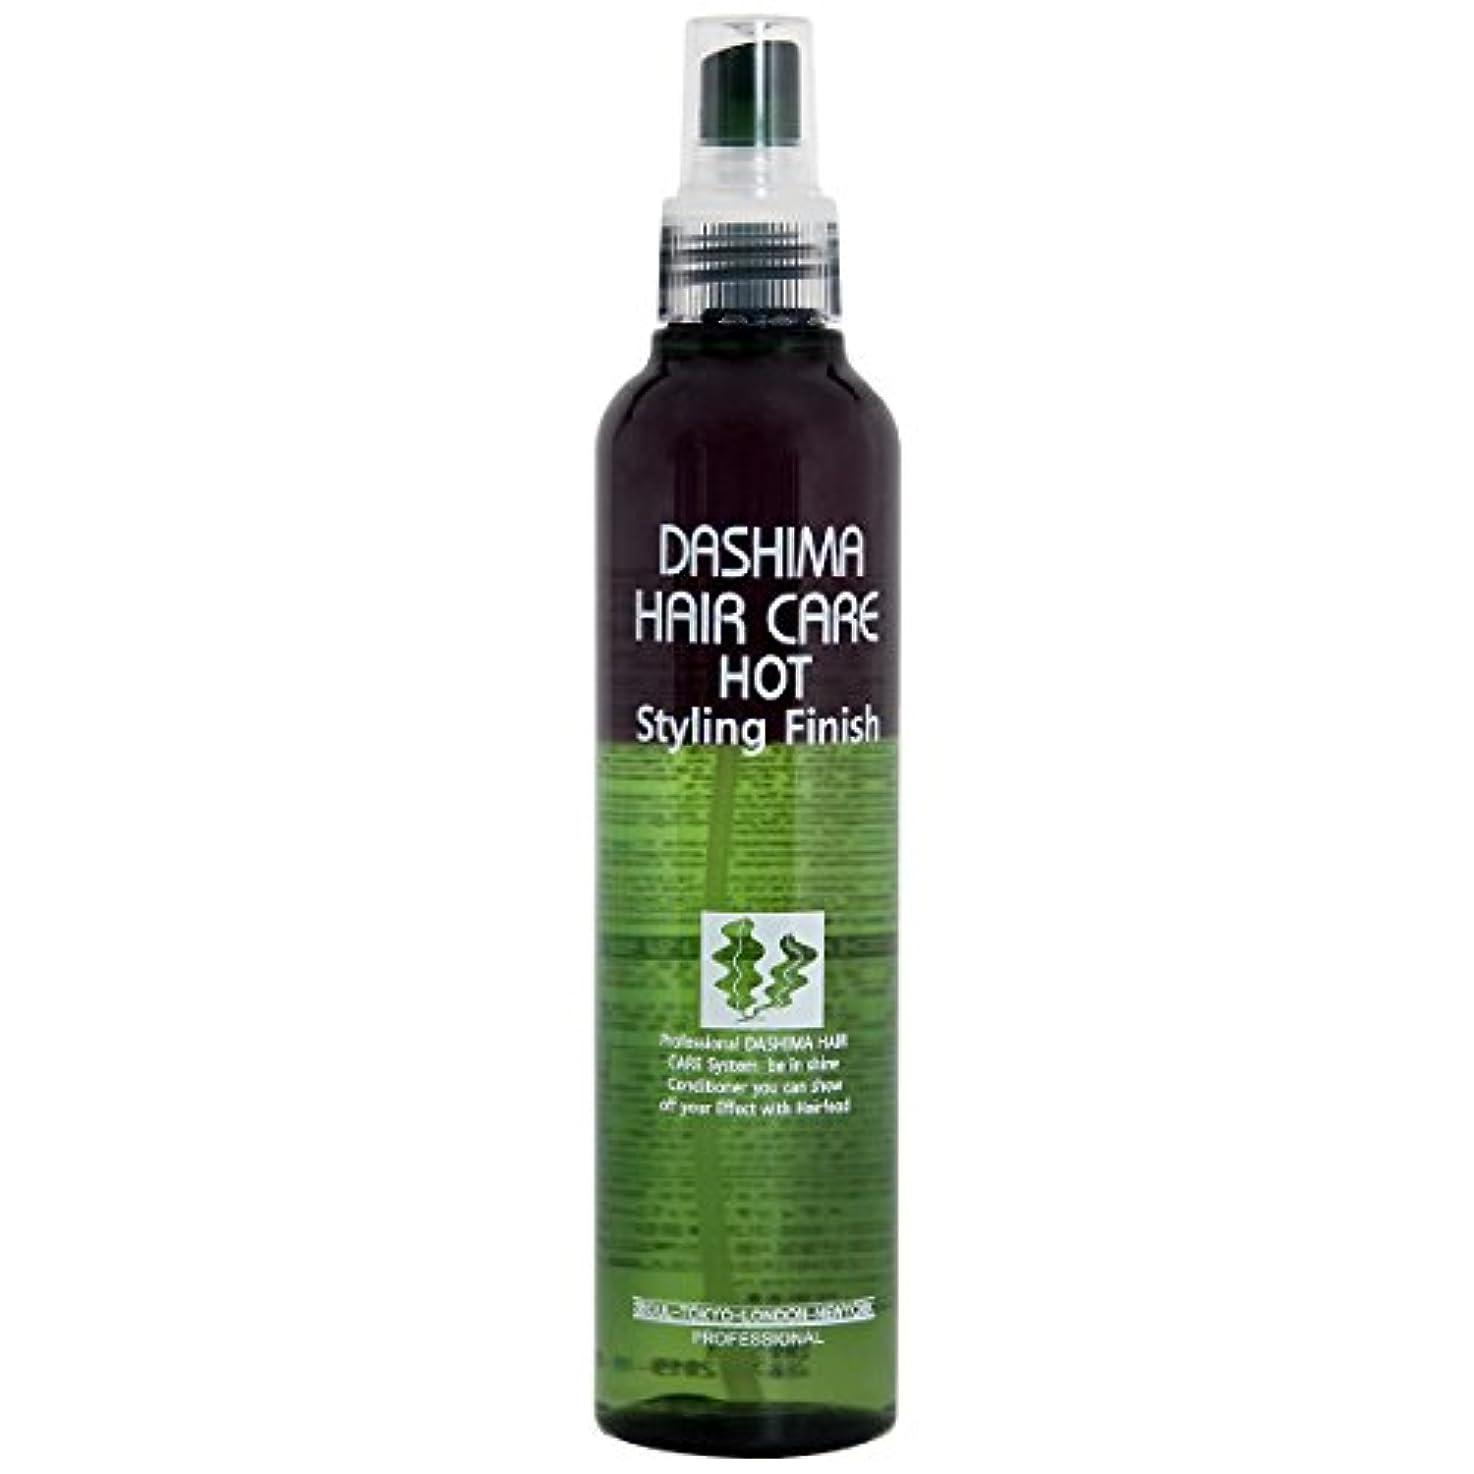 天窓液体民主党ダシマヘアケアハッスタイルリングピニスィ250ml(DASHIMA HAIR CARE Hot Styling Finish 250ml)